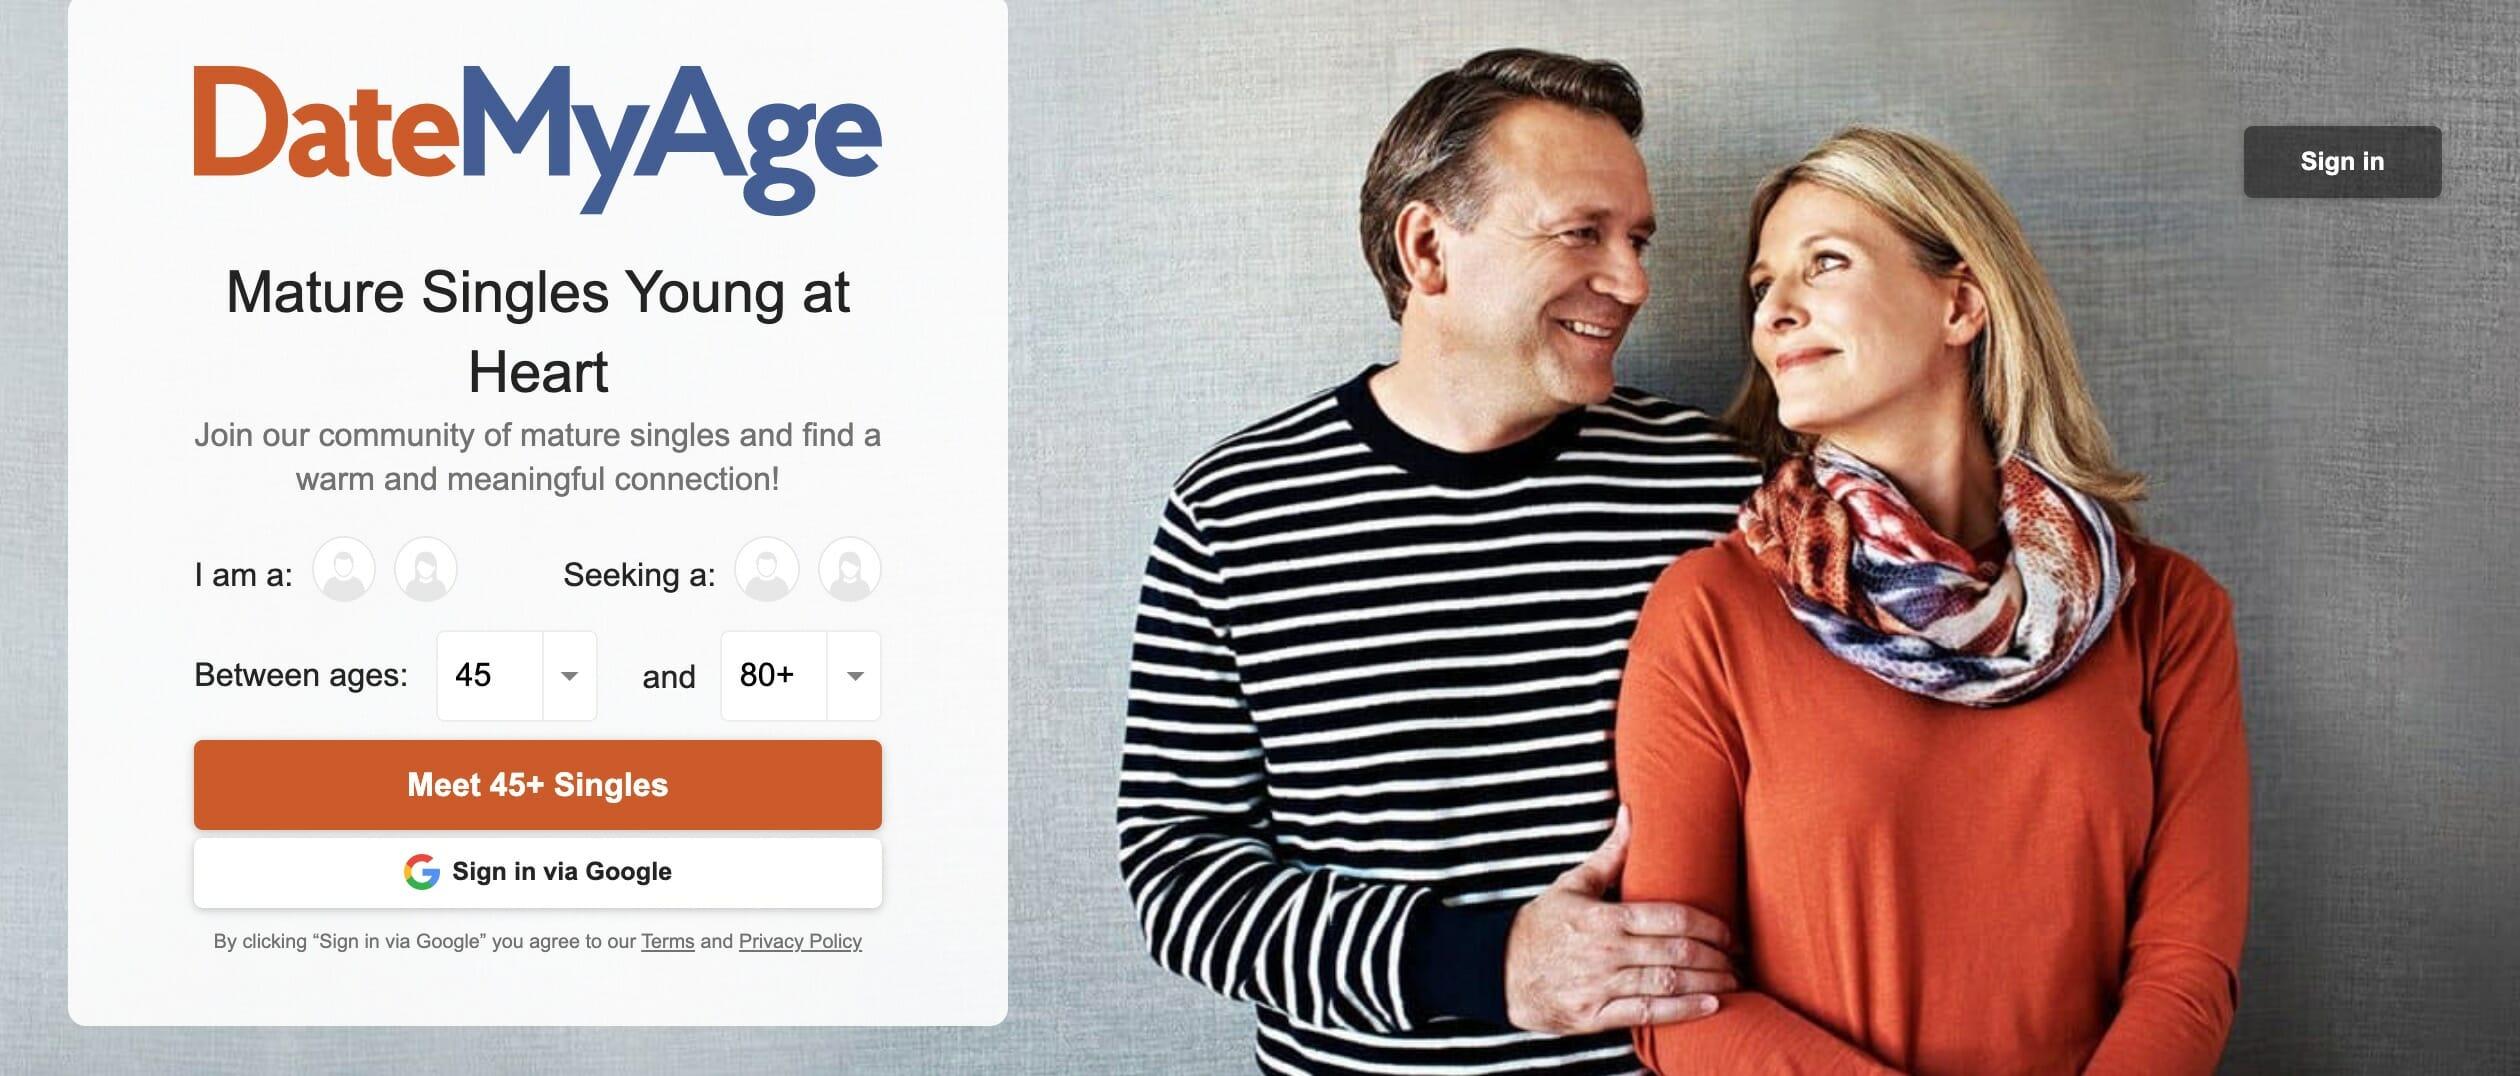 DateMyAge main page